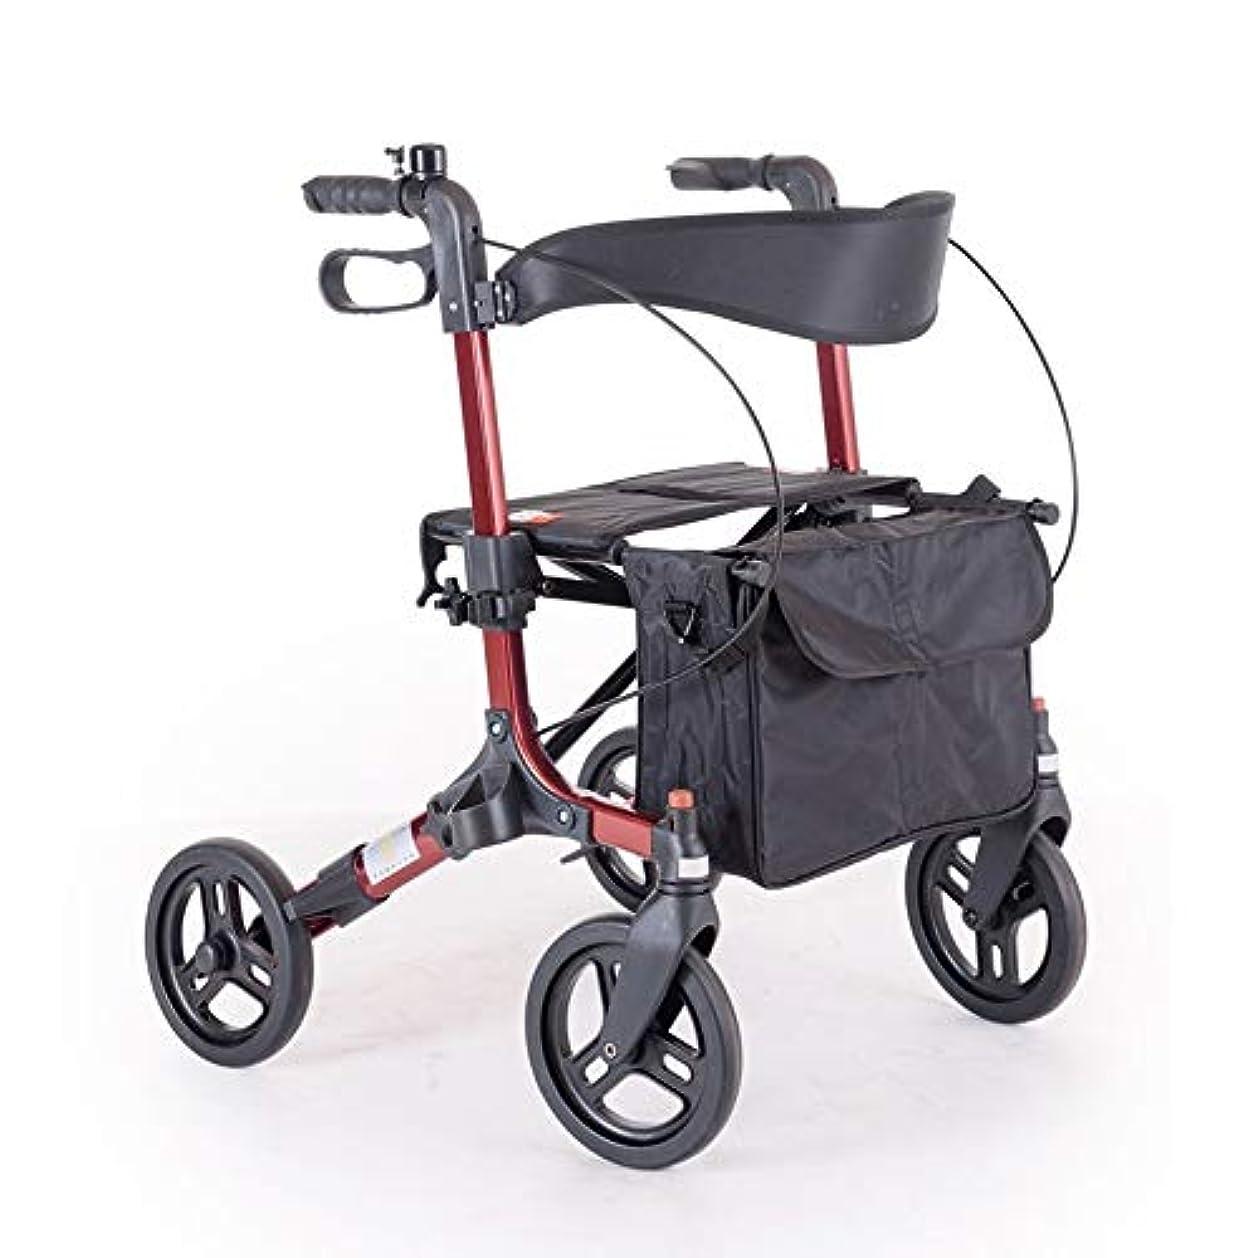 部屋を掃除するバンジージャンプパキスタン折り畳み式の軽量コンパクトな歩行器、シートとバッグ付き